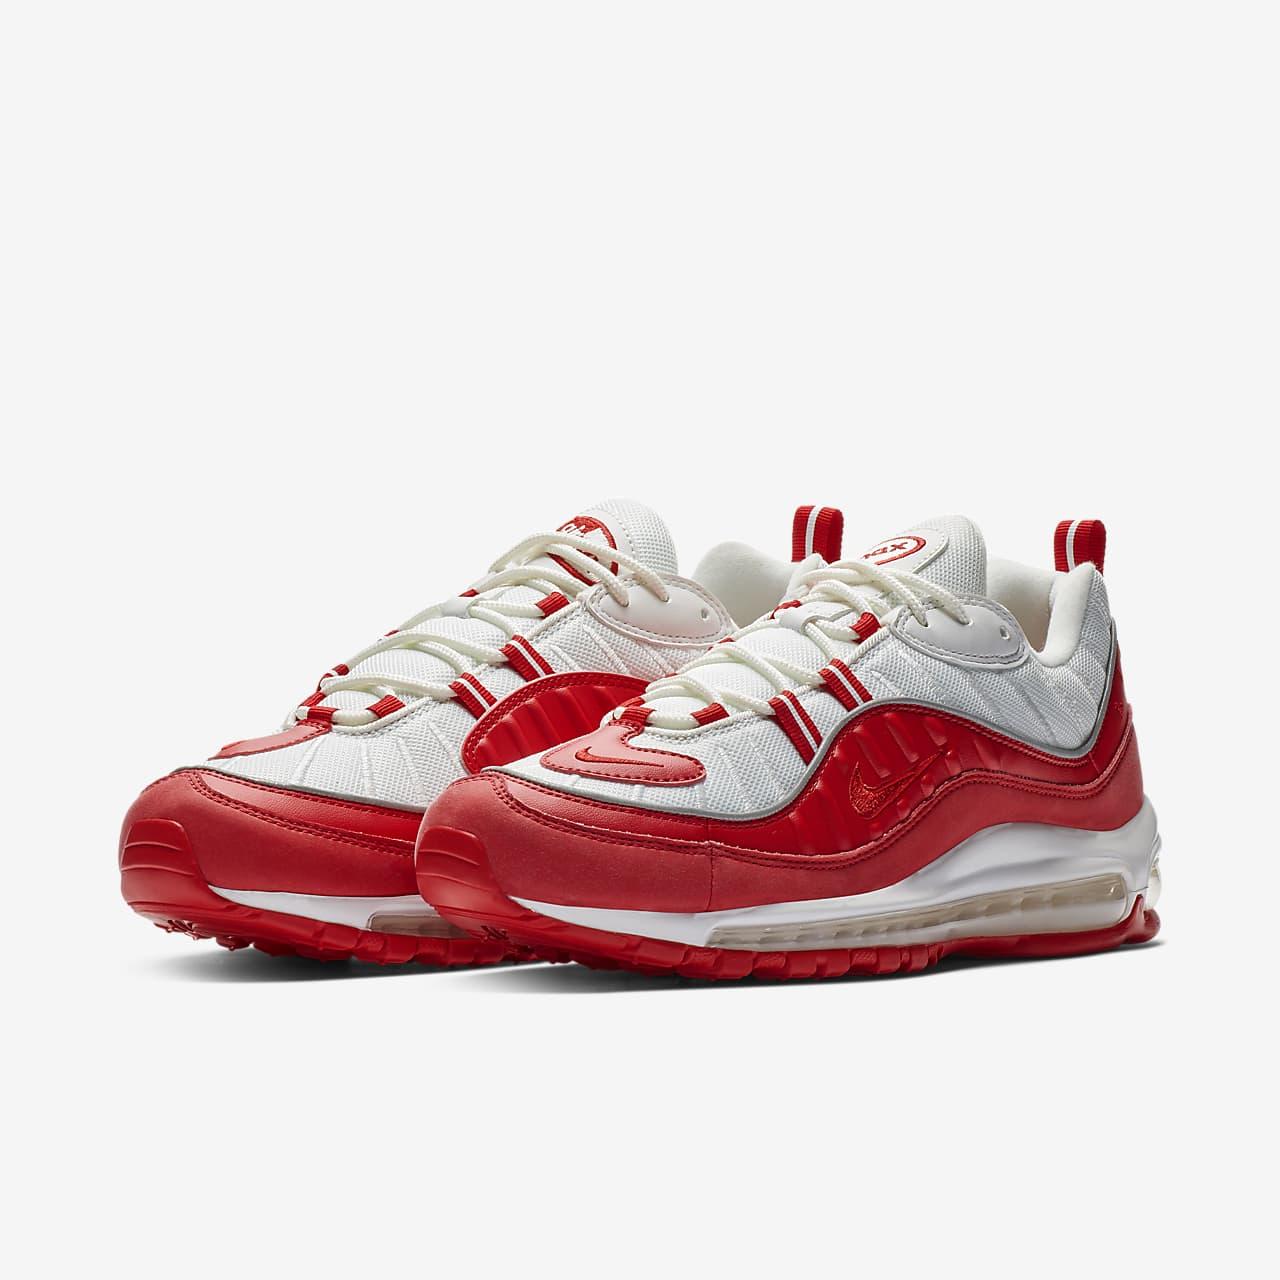 Nike Air Max 98 Men's Shoe 640744-602